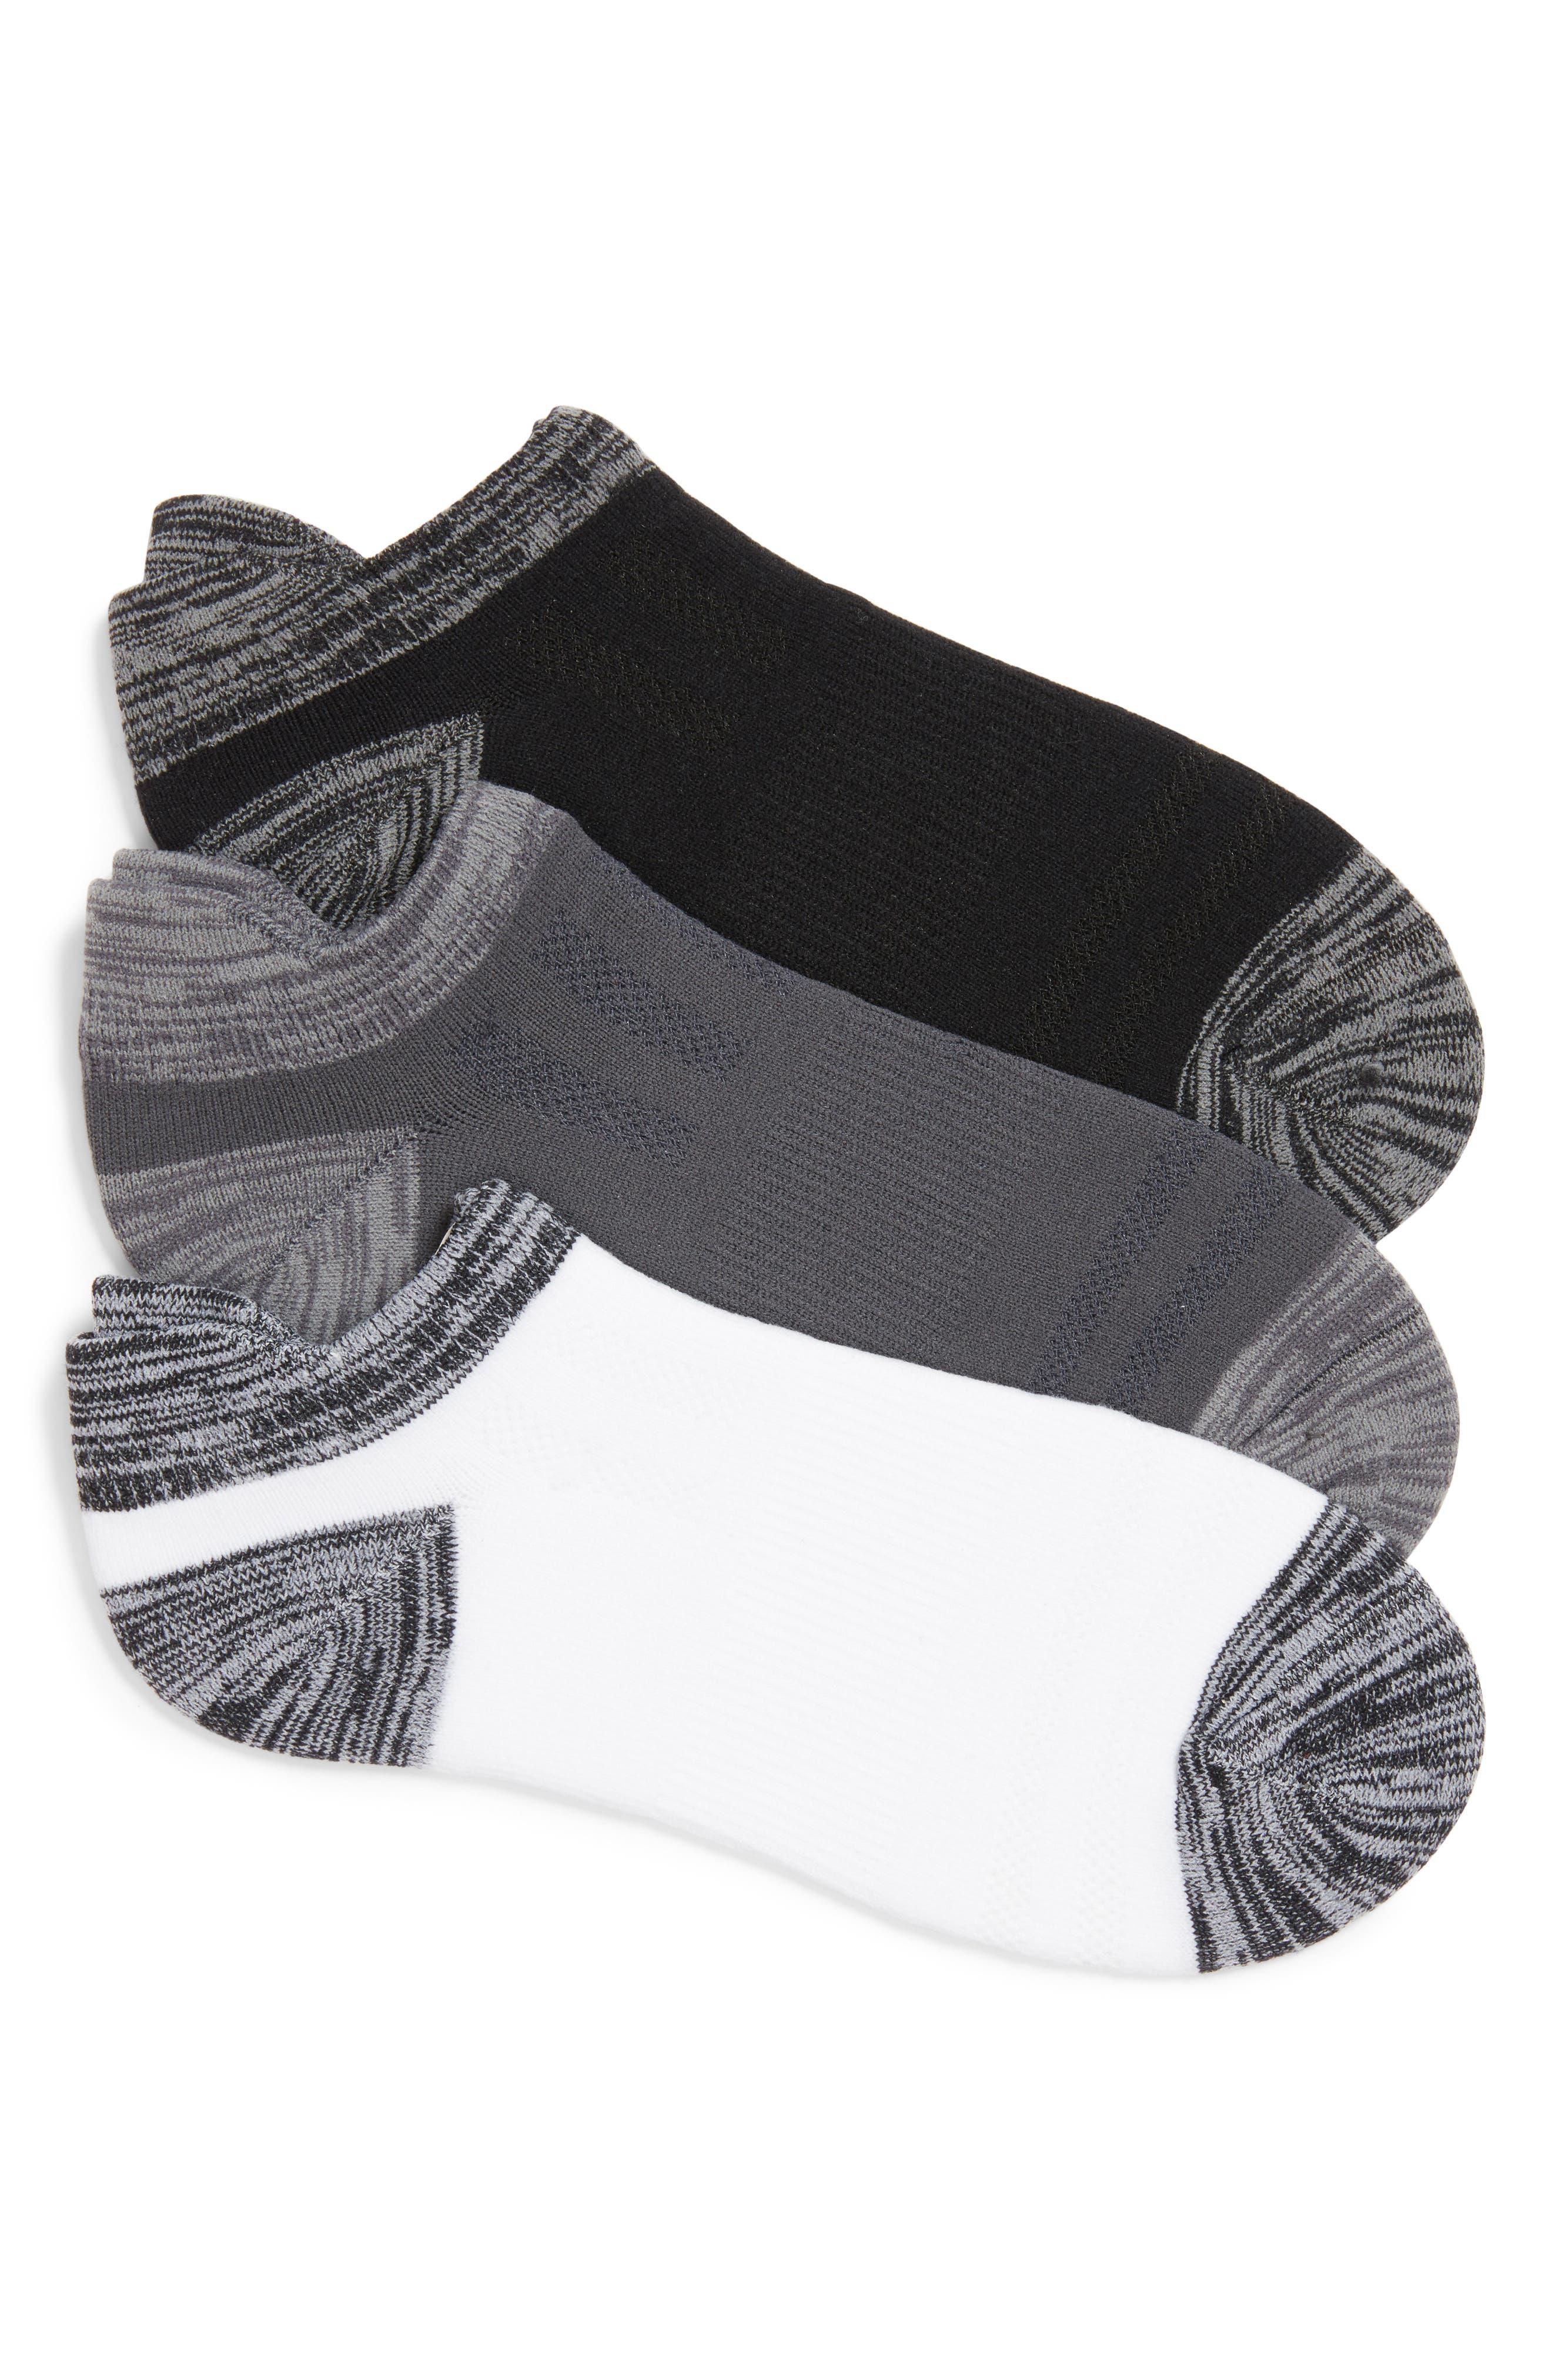 3-Pack Low Cut Socks,                         Main,                         color, 002